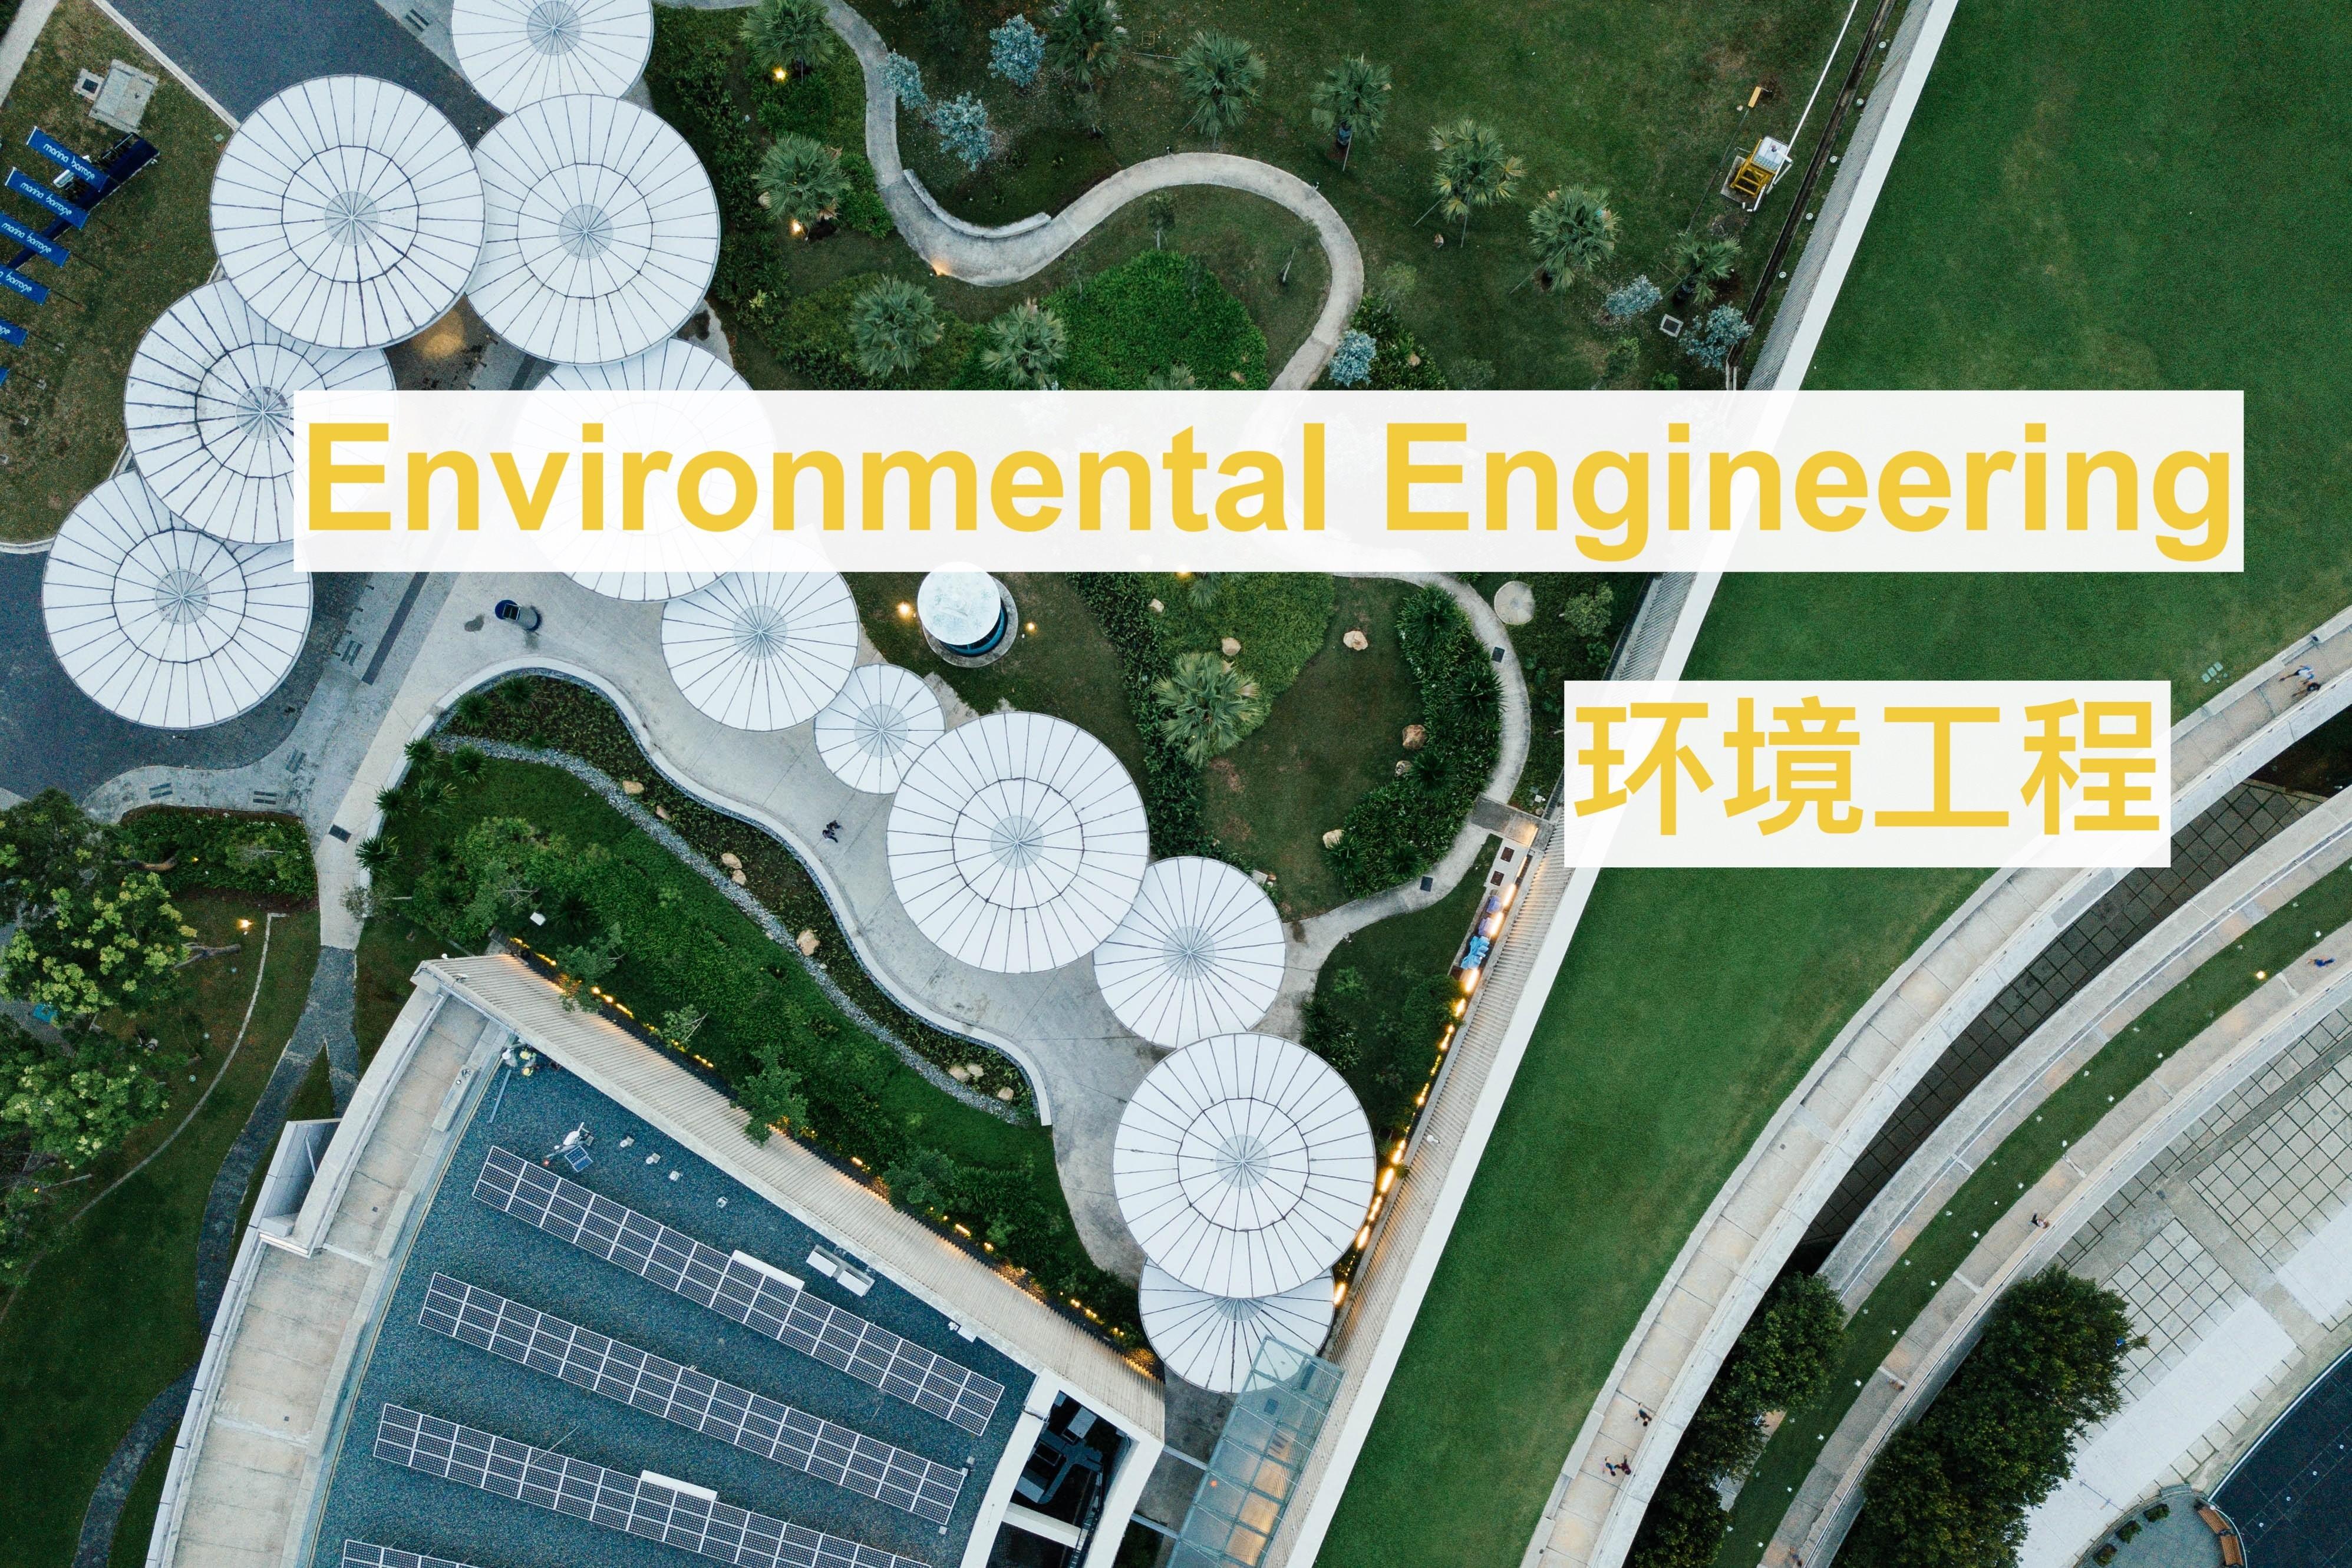 加拿大环境工程专业